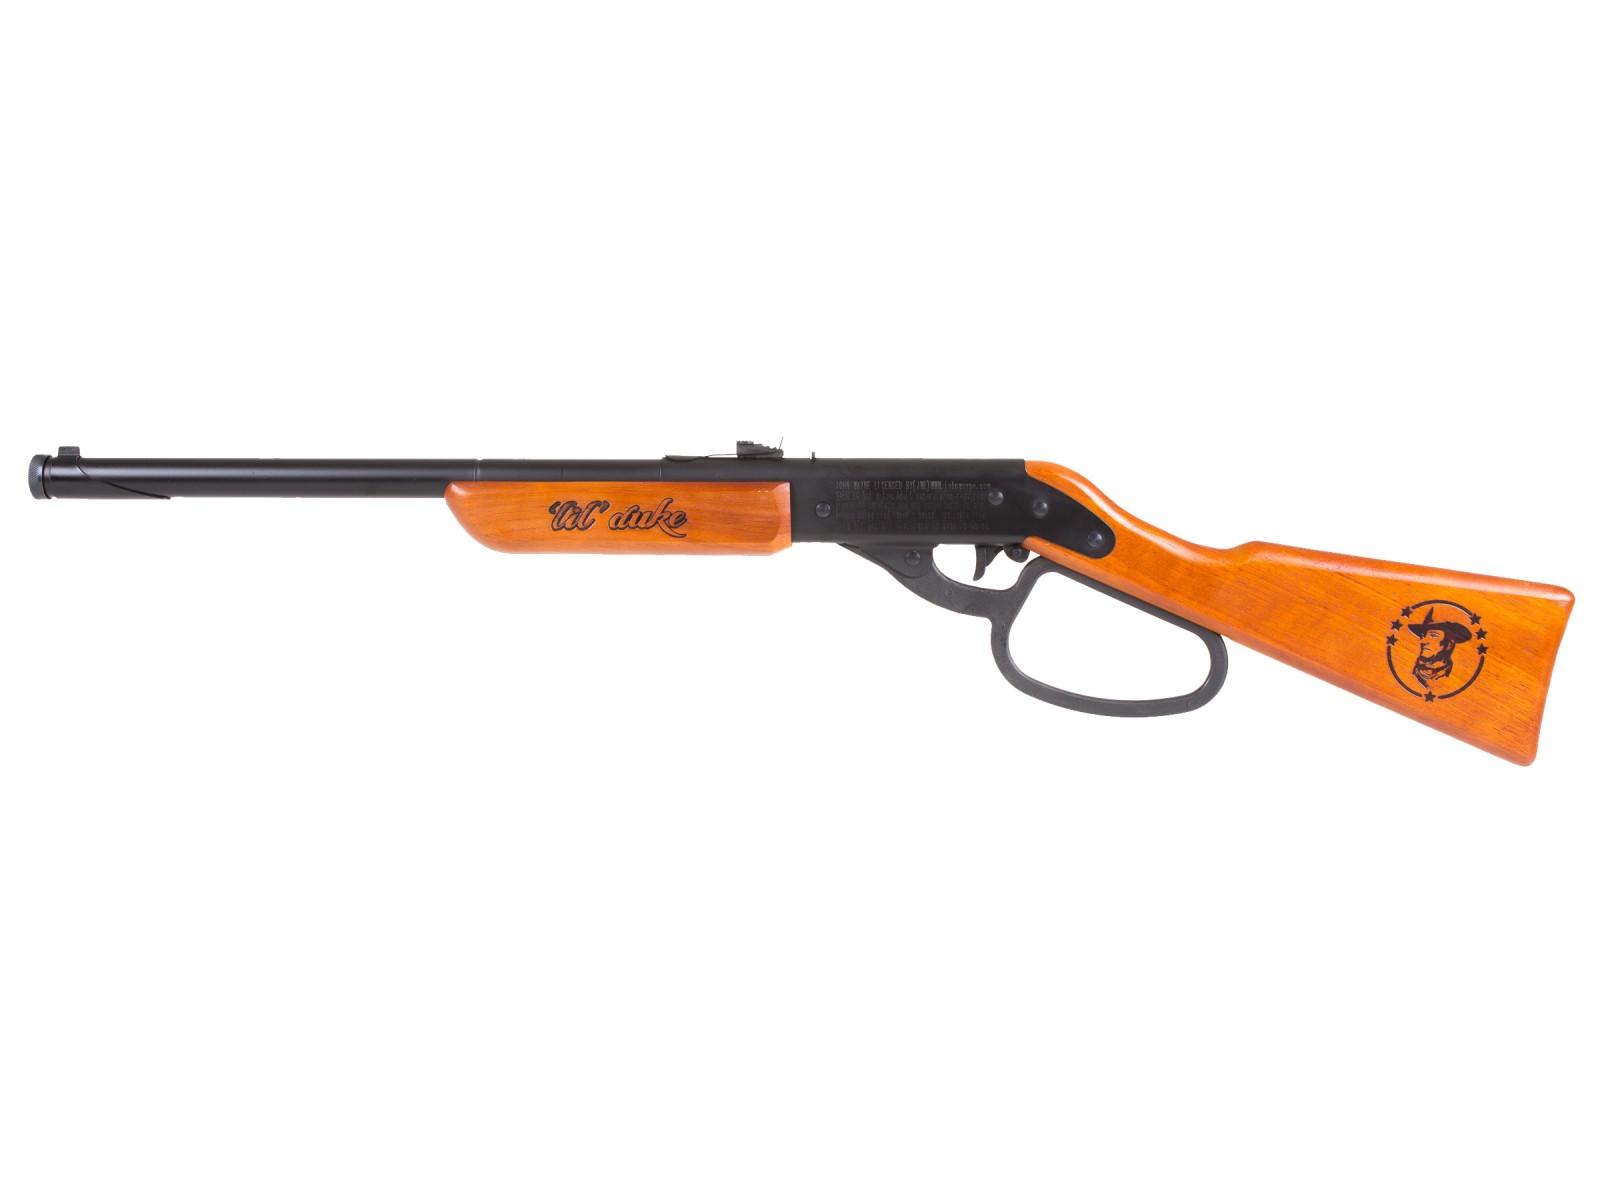 John Wayne Lil Duke BB Rifle